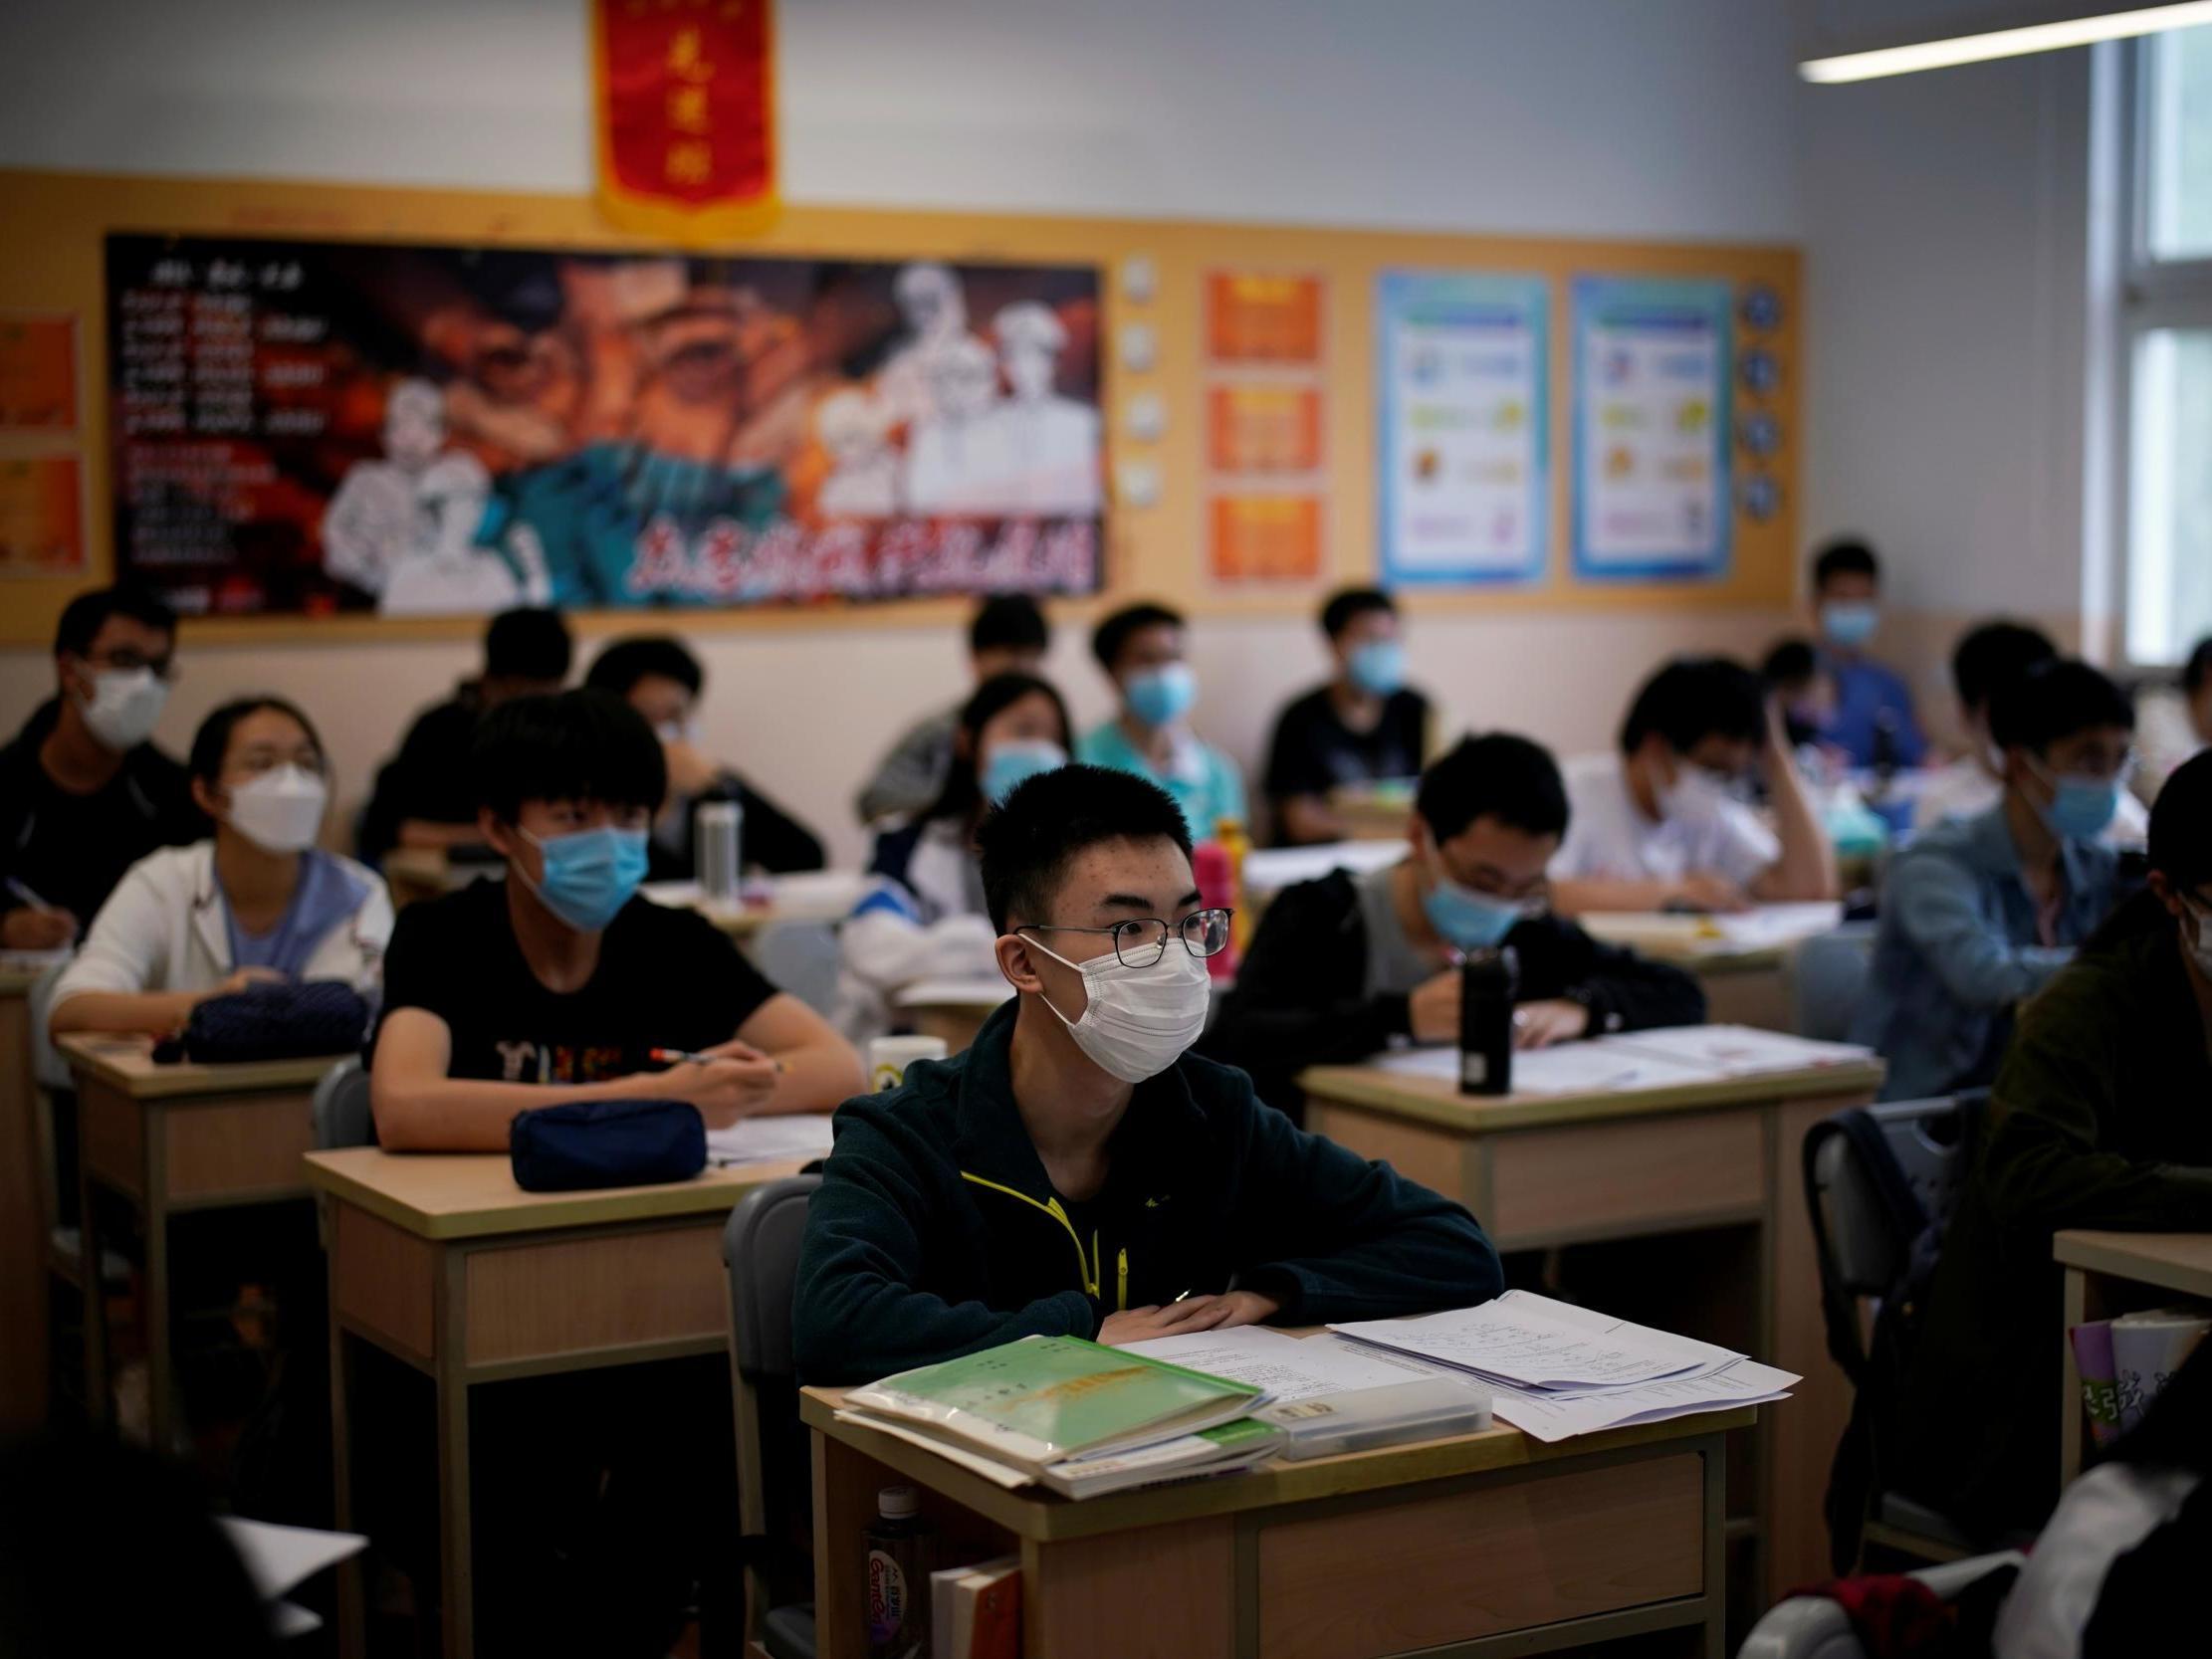 Coronavirus: Are countries around the world sending children back to school? thumbnail